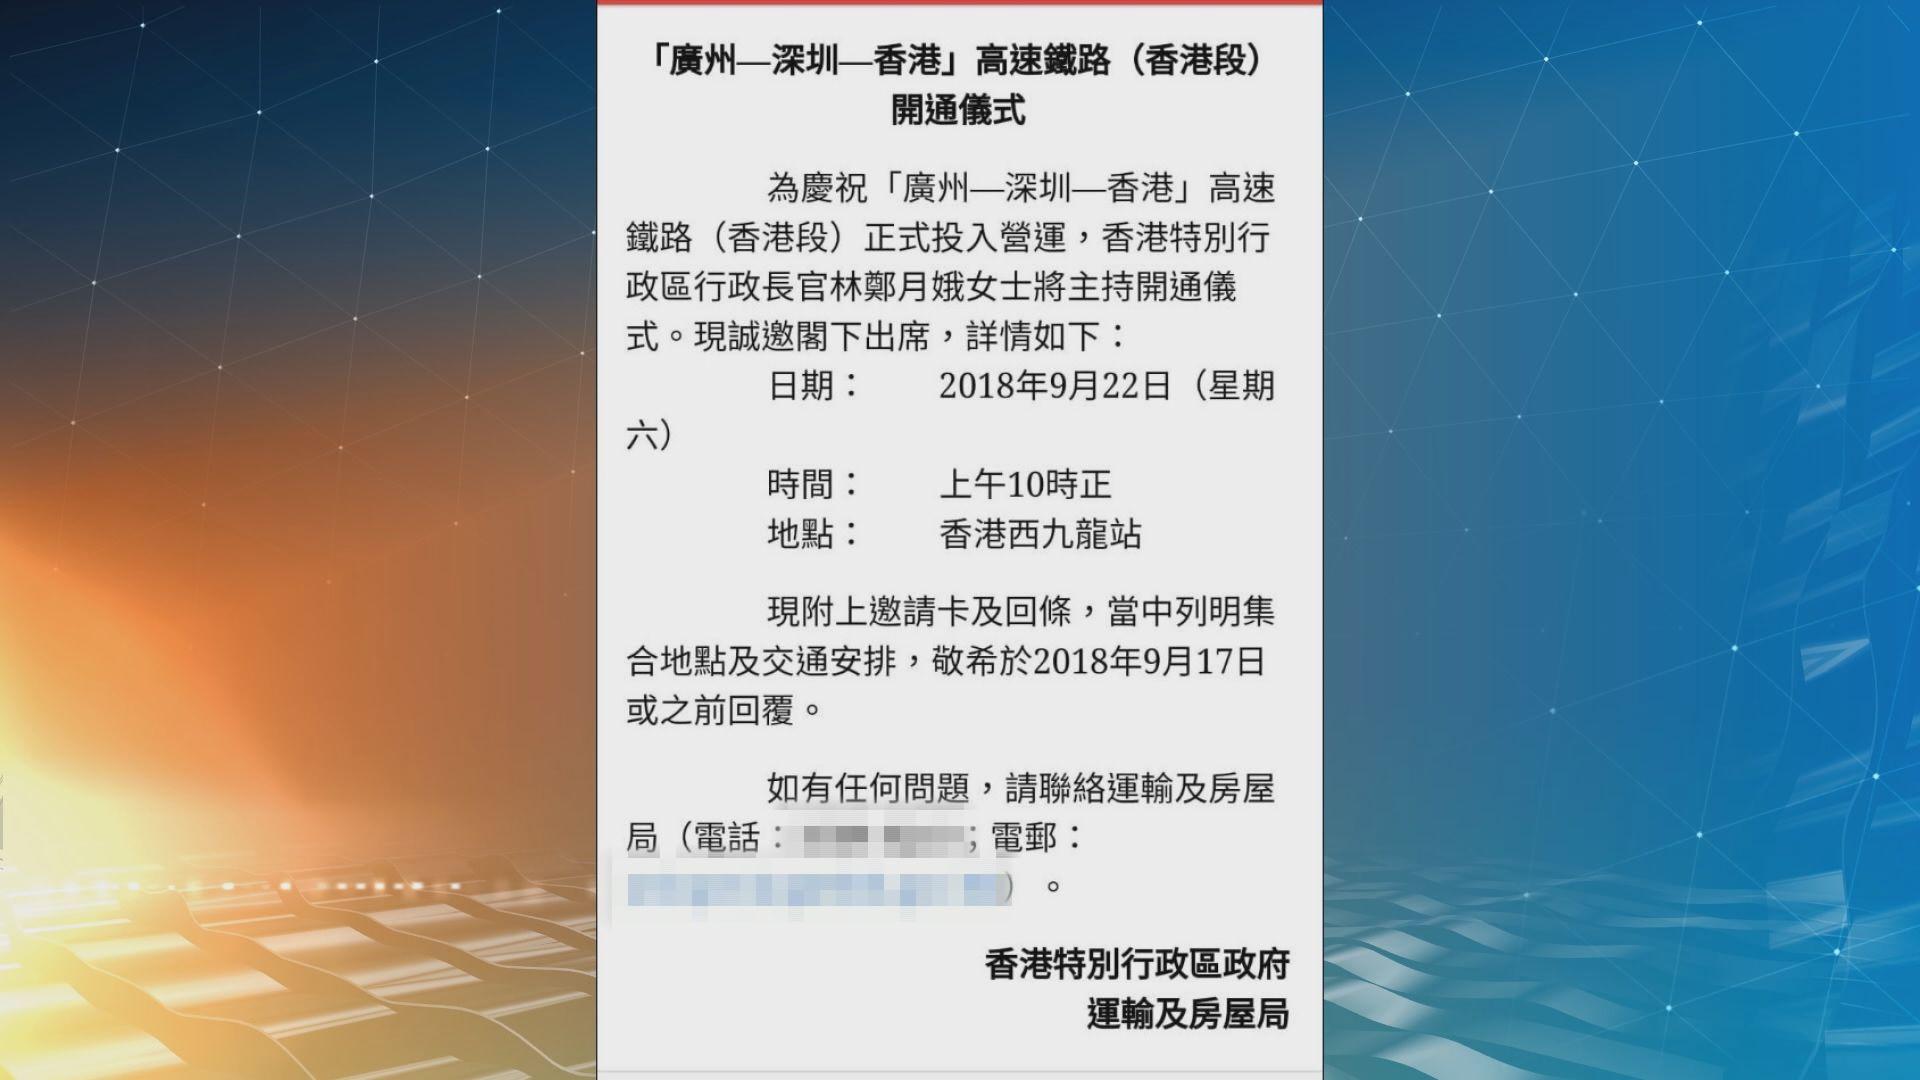 泛民獲邀高鐵開通儀式 郭榮鏗拒出席